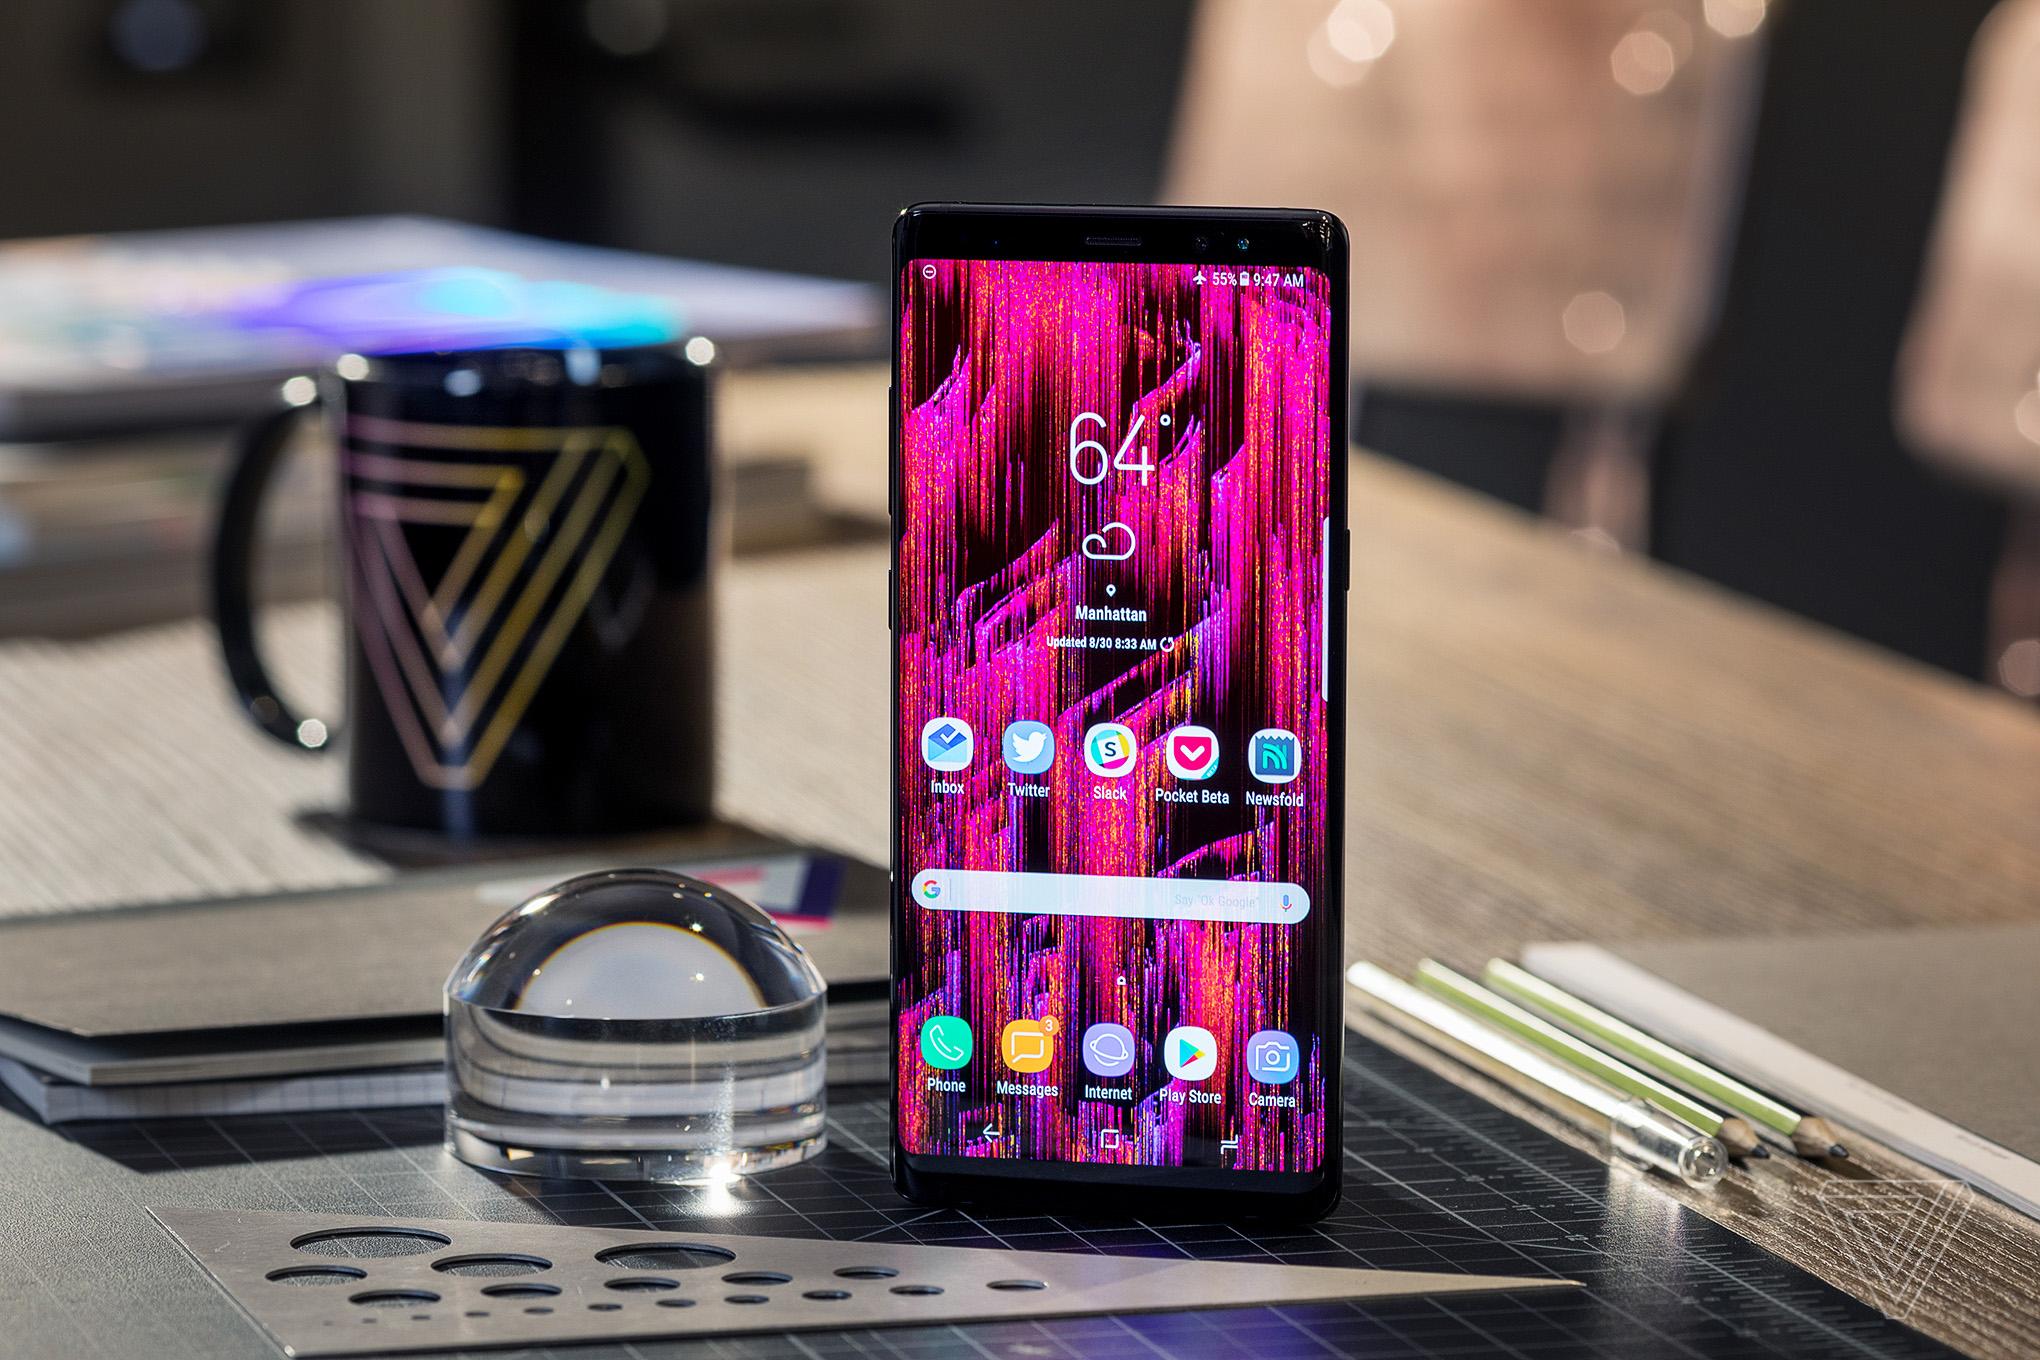 بررسی تخصصی دوربین سامسونگ گلکسی نوت 8 توسط DXOMark: برترین گوشی هوشمند در بزرگنمایی